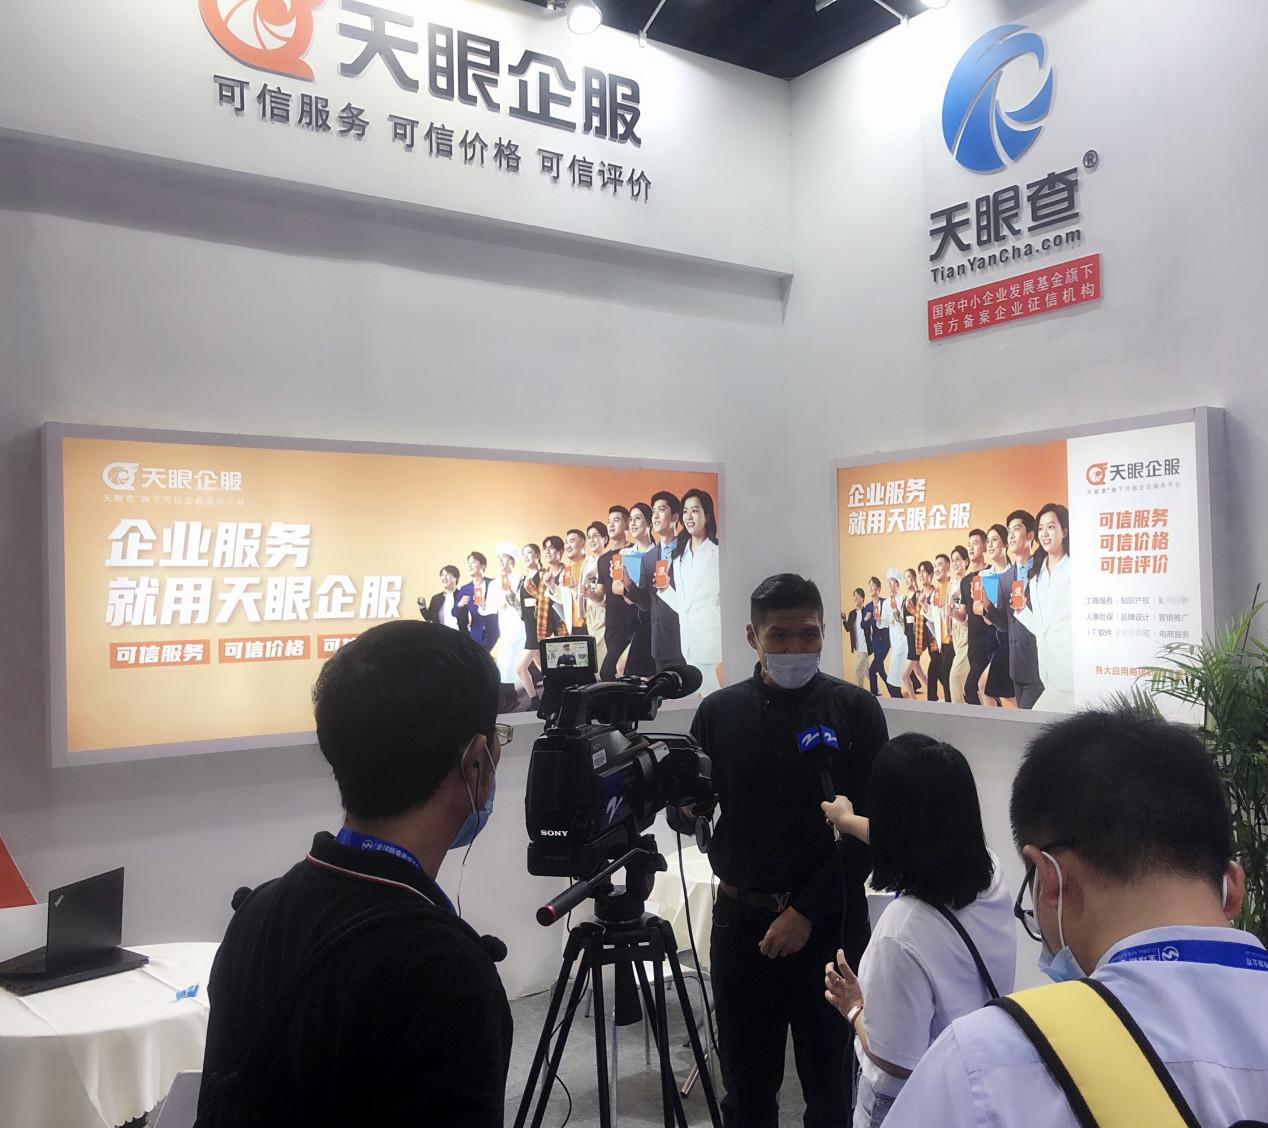 天眼企服亮相第八届全球新电商博览会 可信企服平台引关注